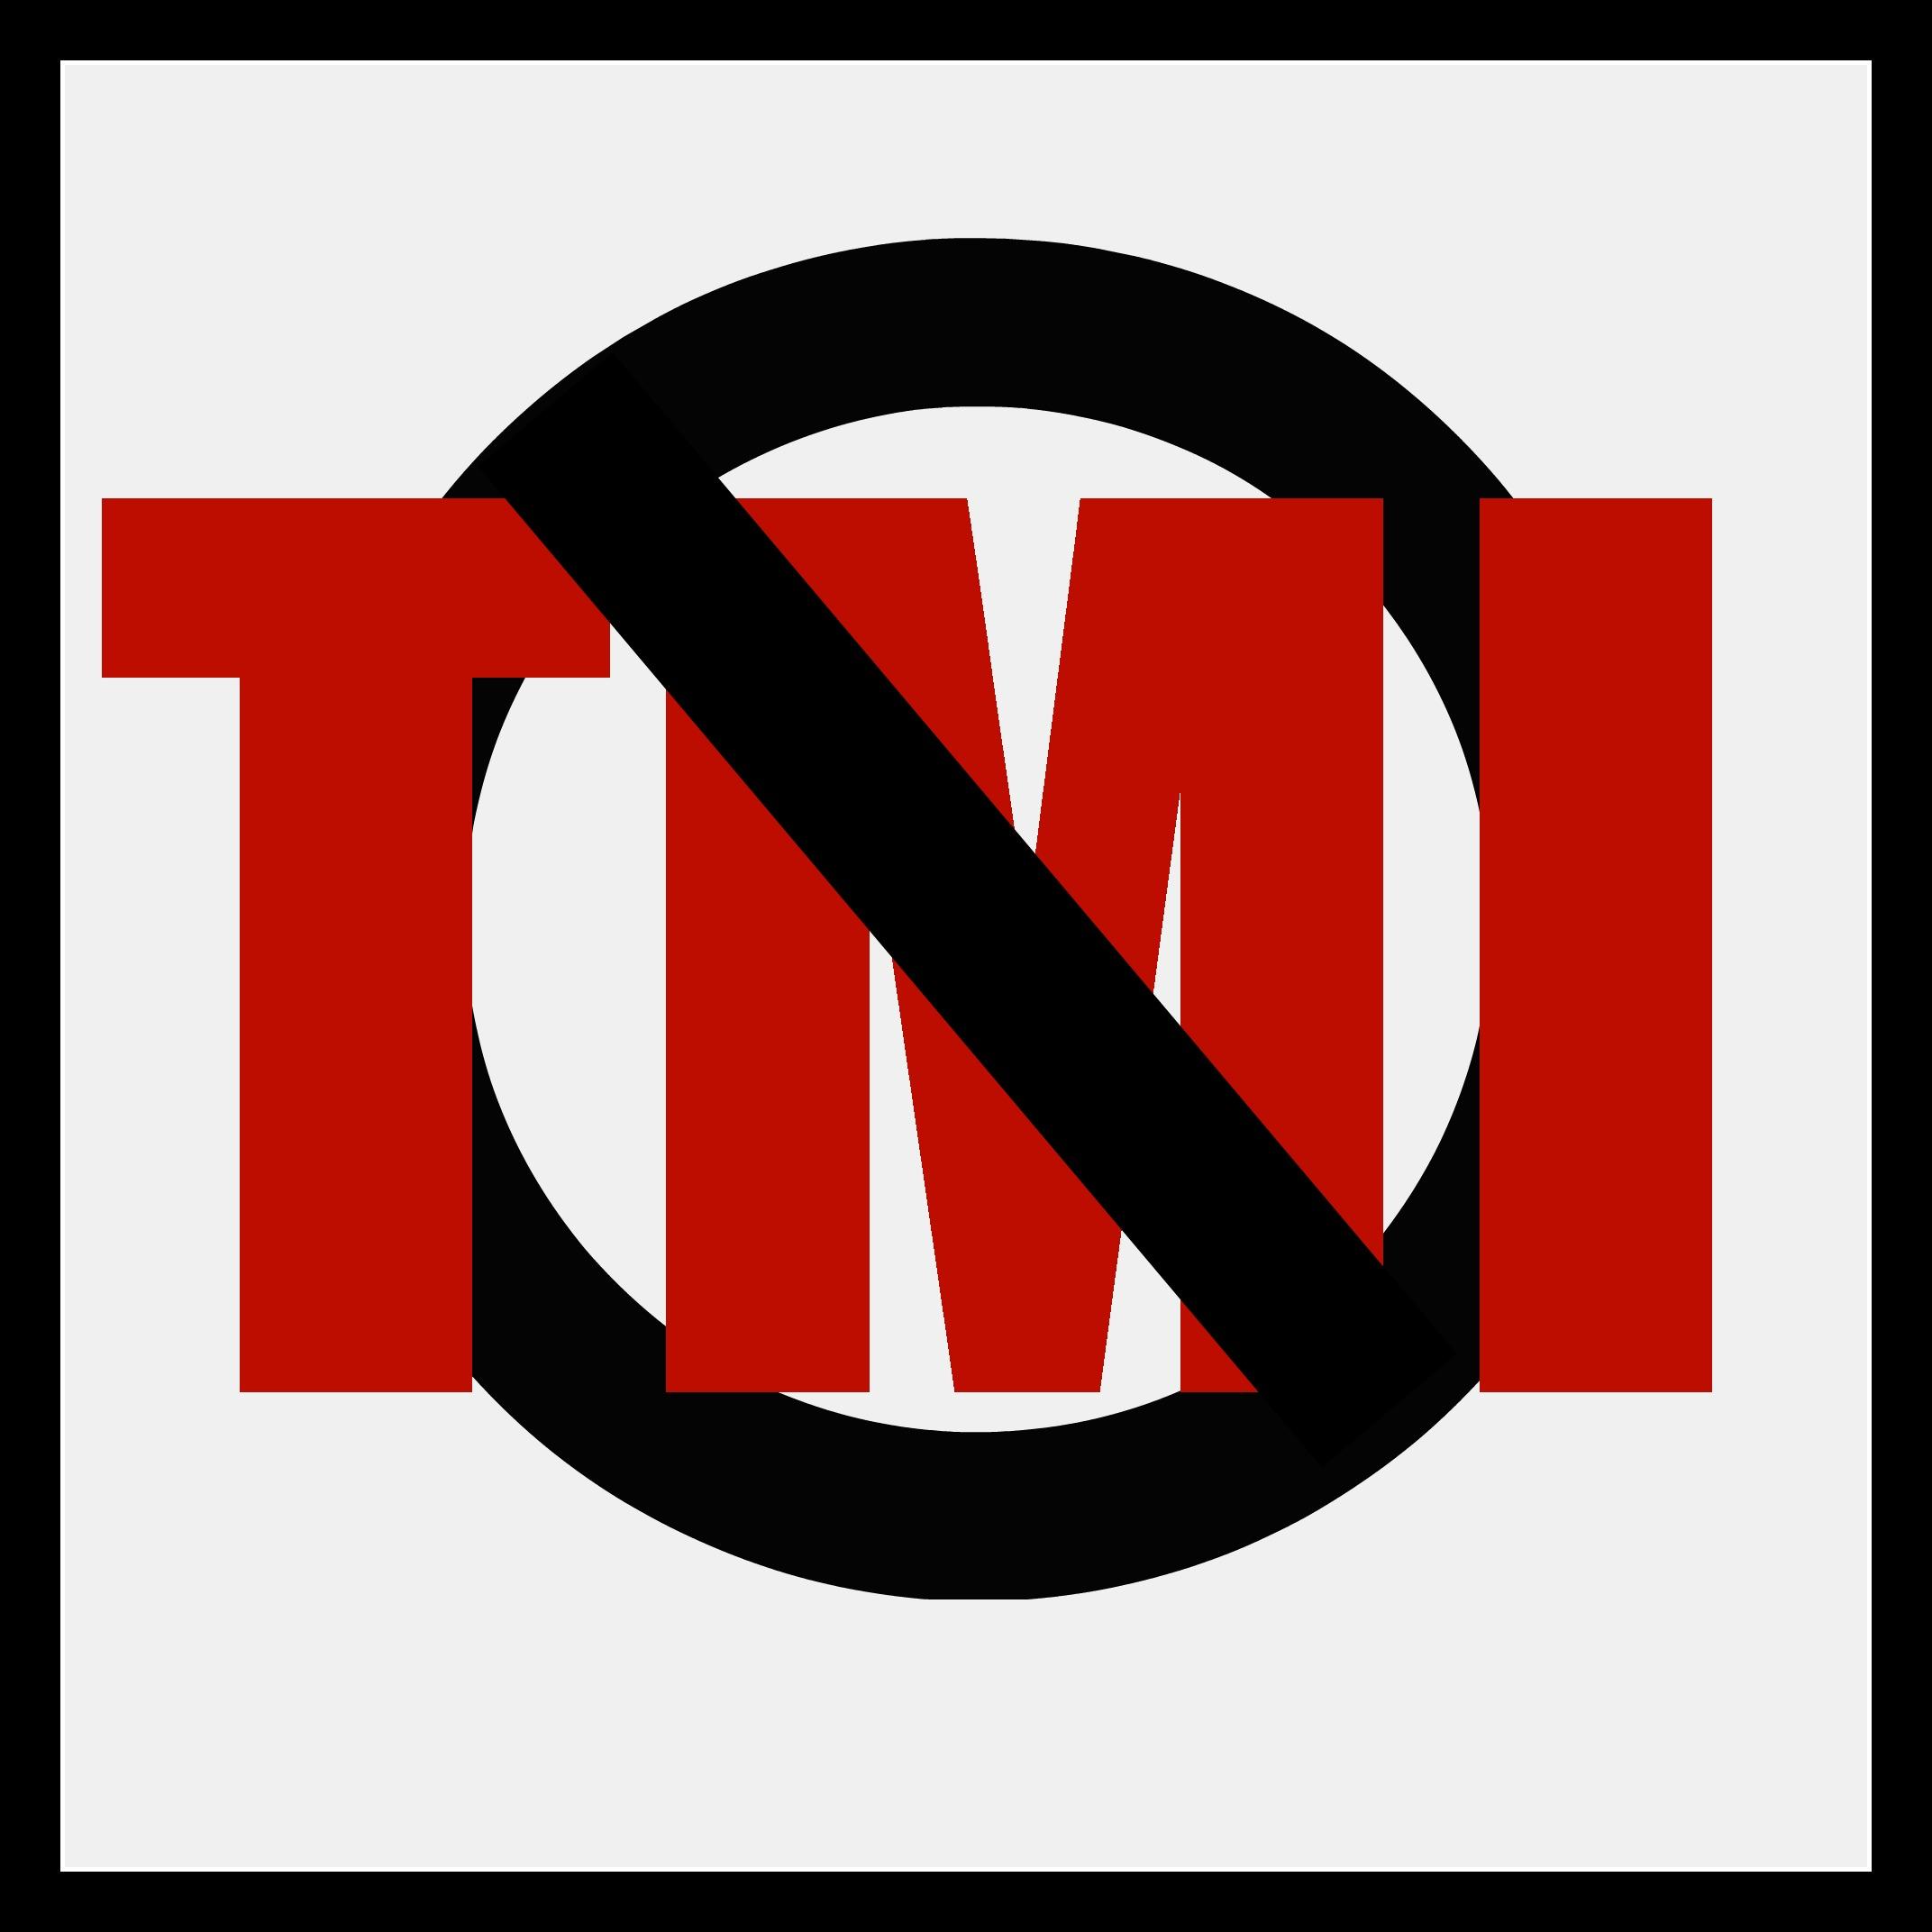 Social Media Tmi (too Much Information) Fundamentals